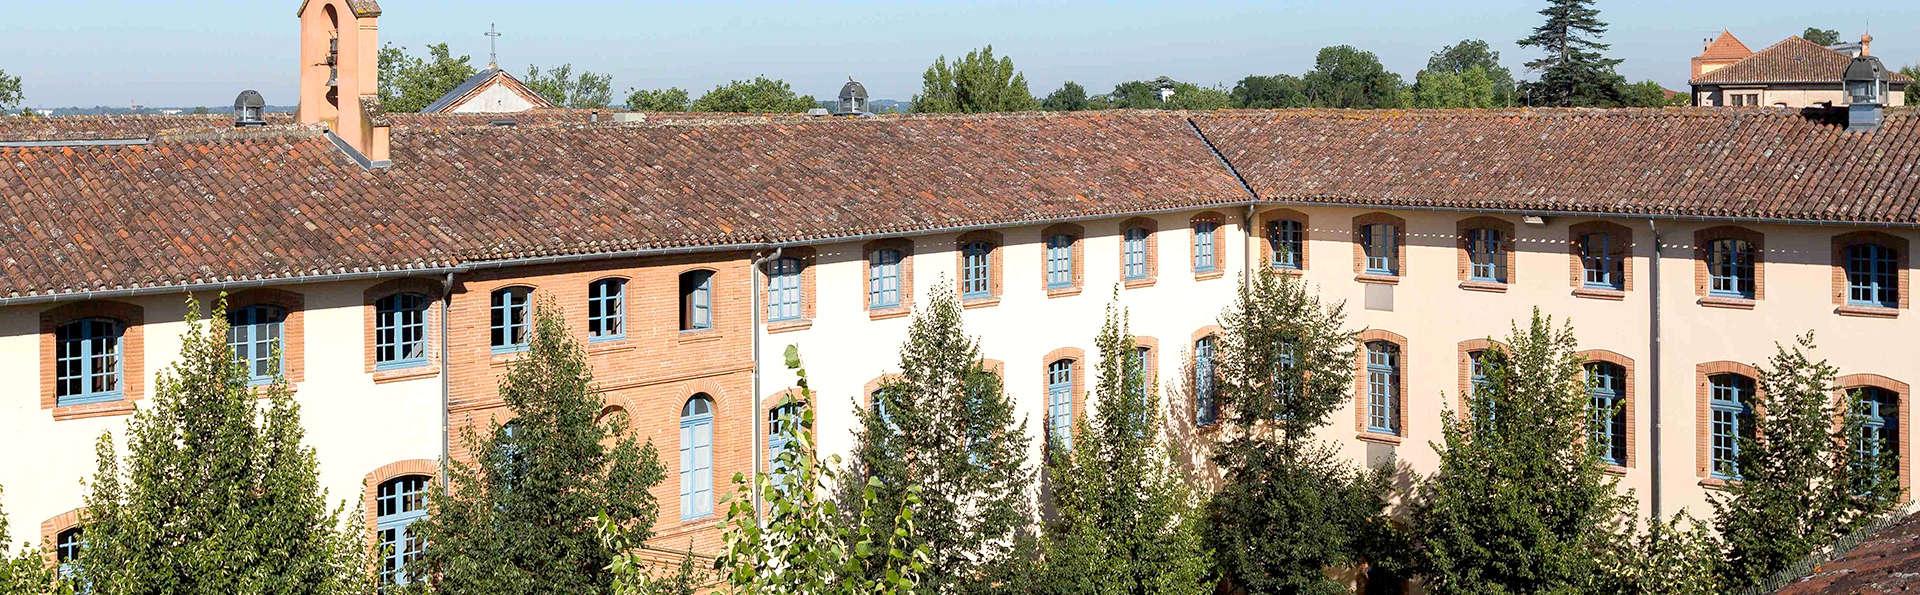 Abbaye des Capucins Hôtel Spa & Resort - Edit_Front.jpg